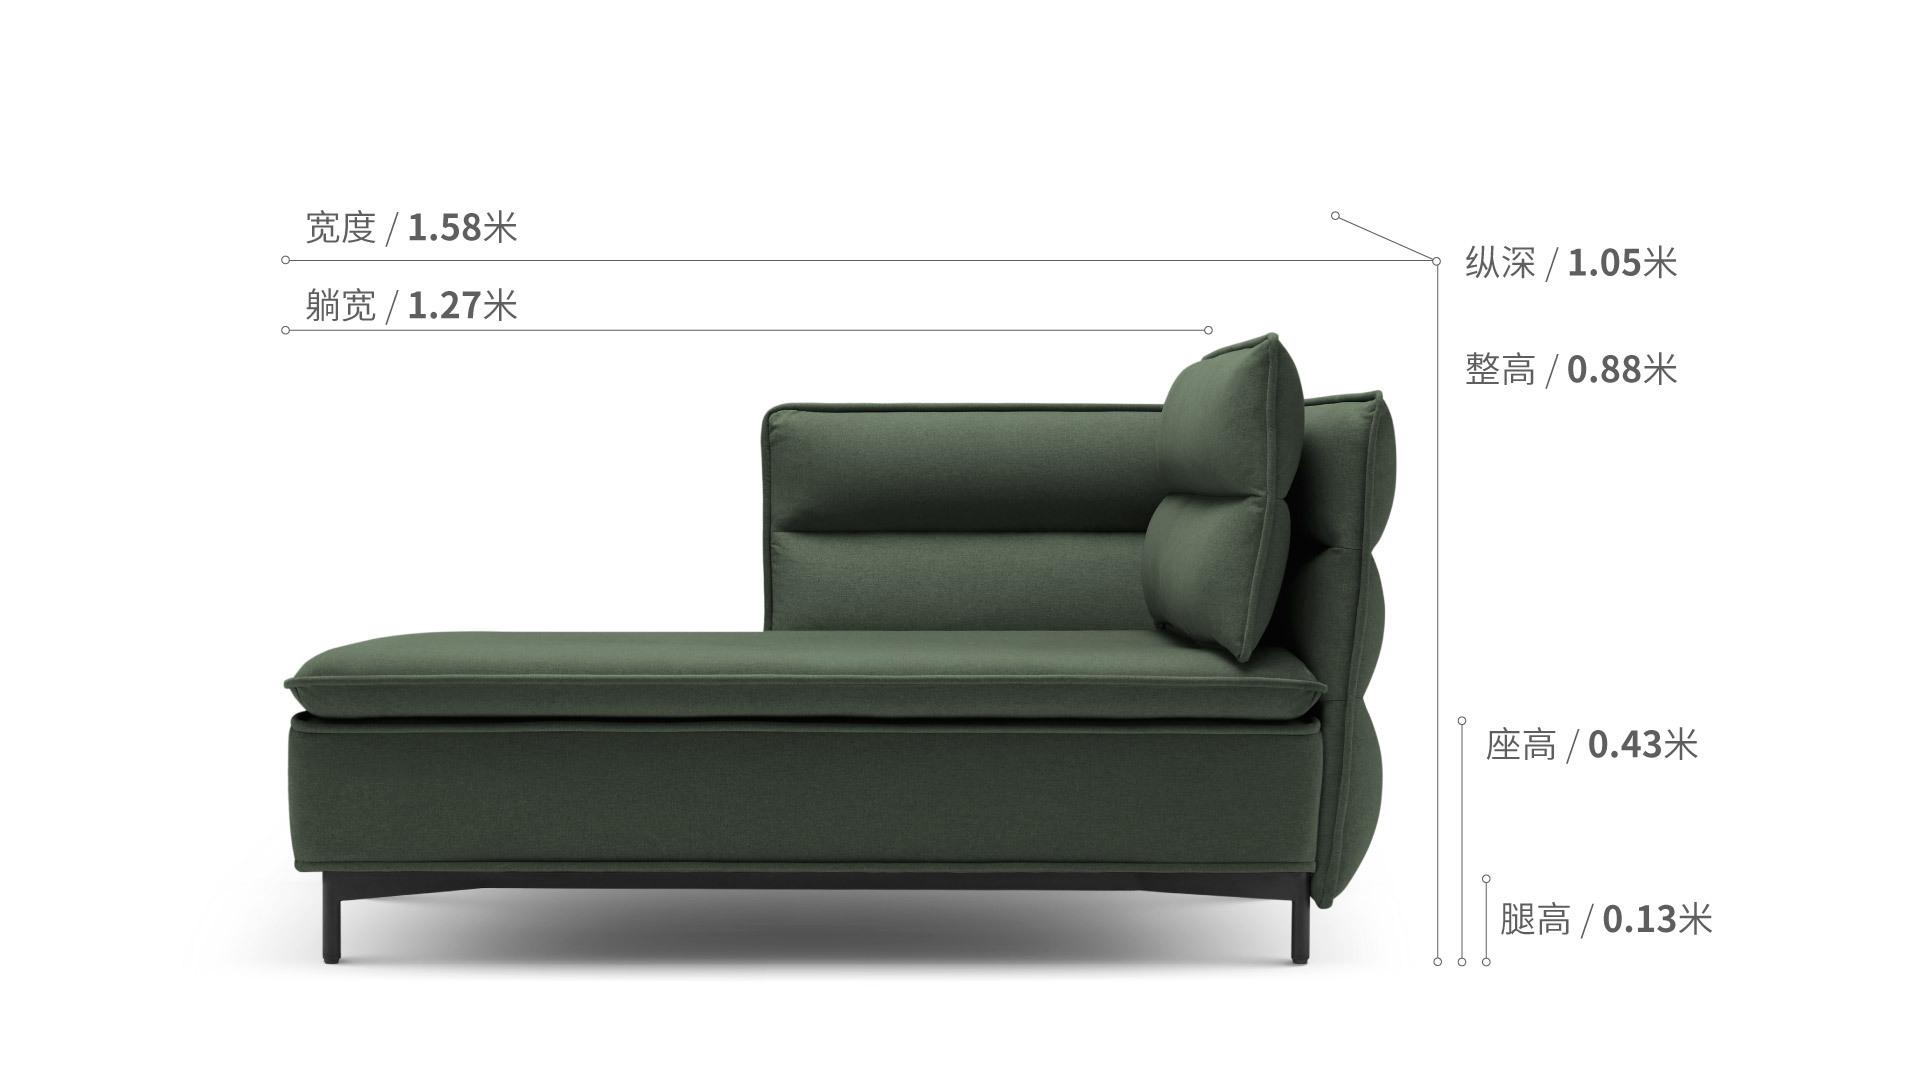 半月湾沙发矮背贵妃座单扶手沙发效果图